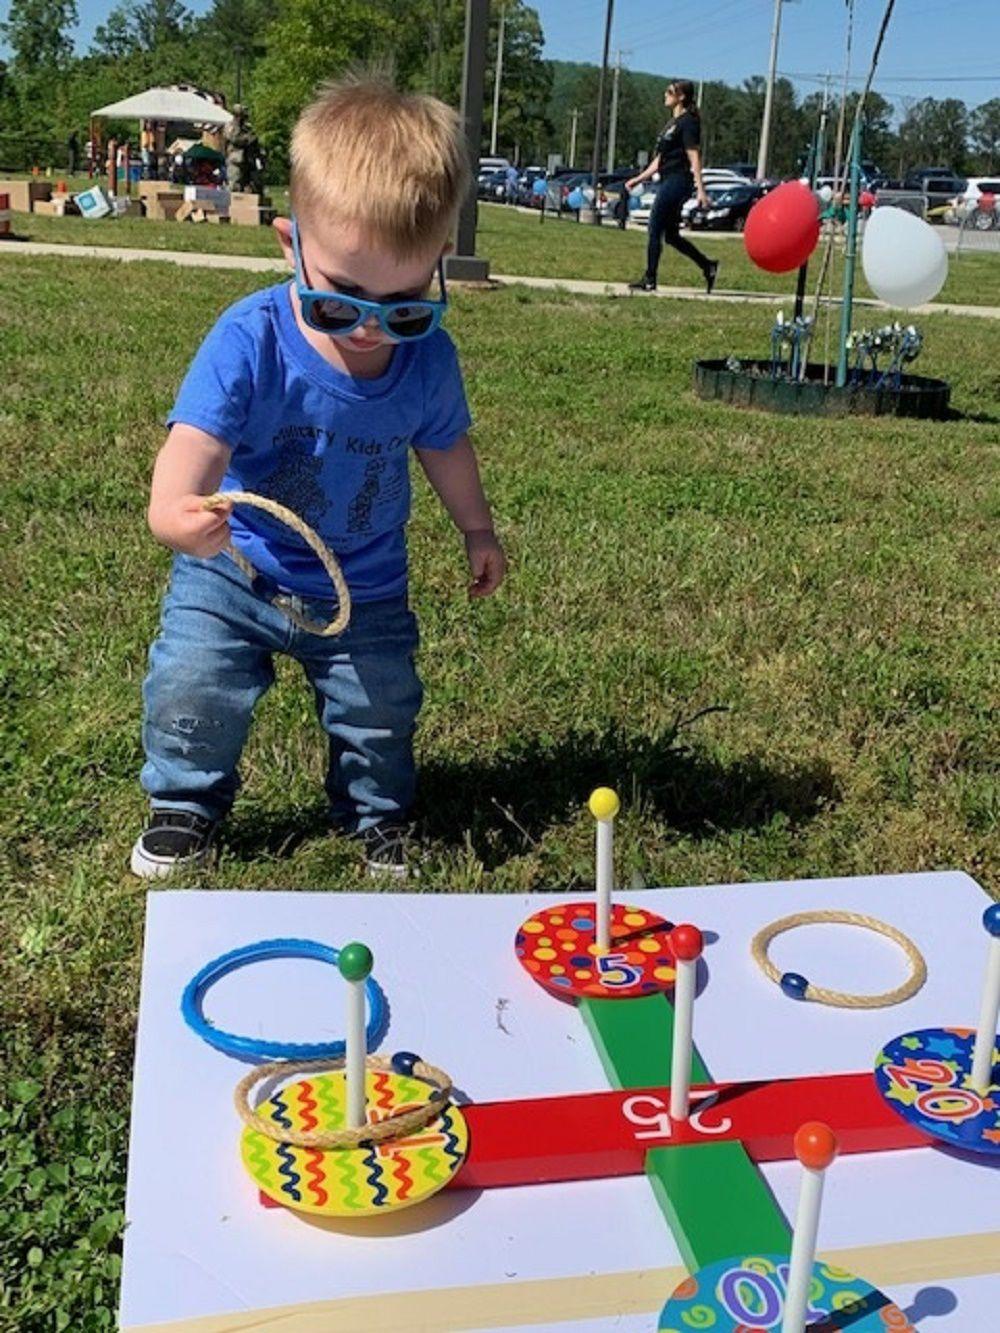 Childrens carnival 1 ring toss.jpg